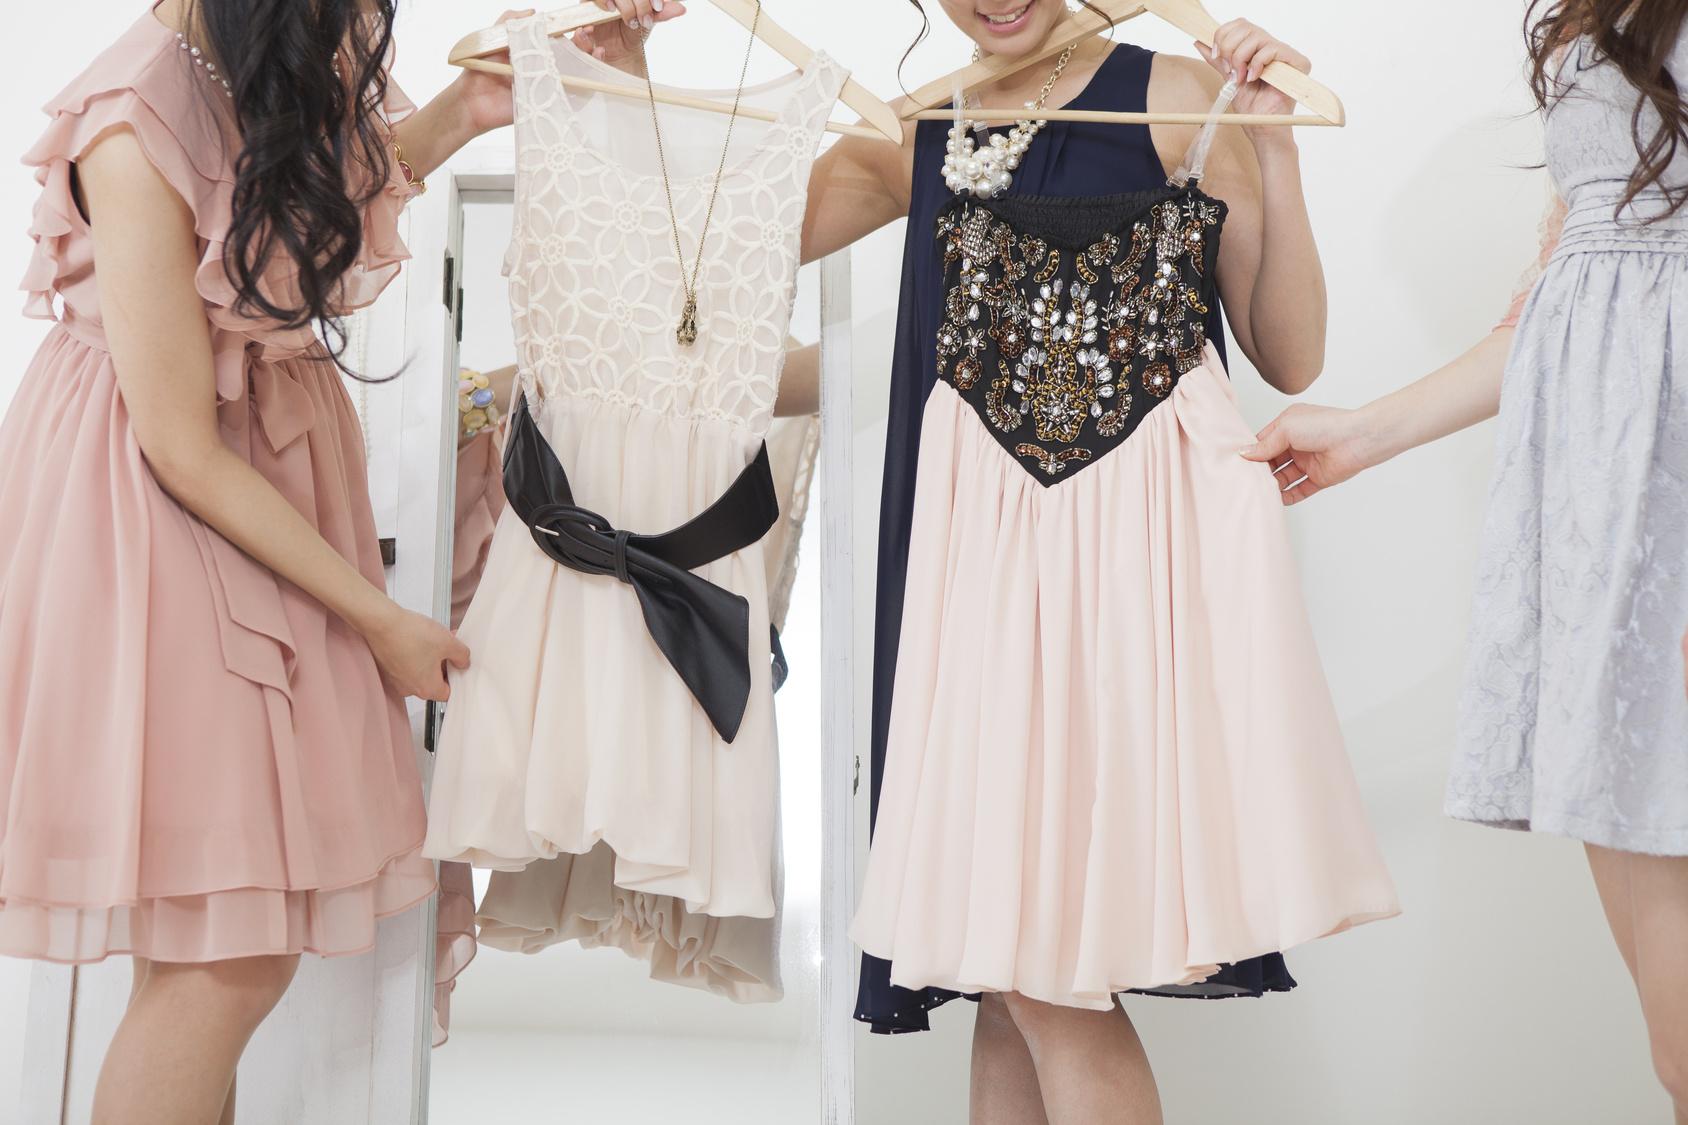 婚活パーティーに着ていく服を選ぶ女子たち